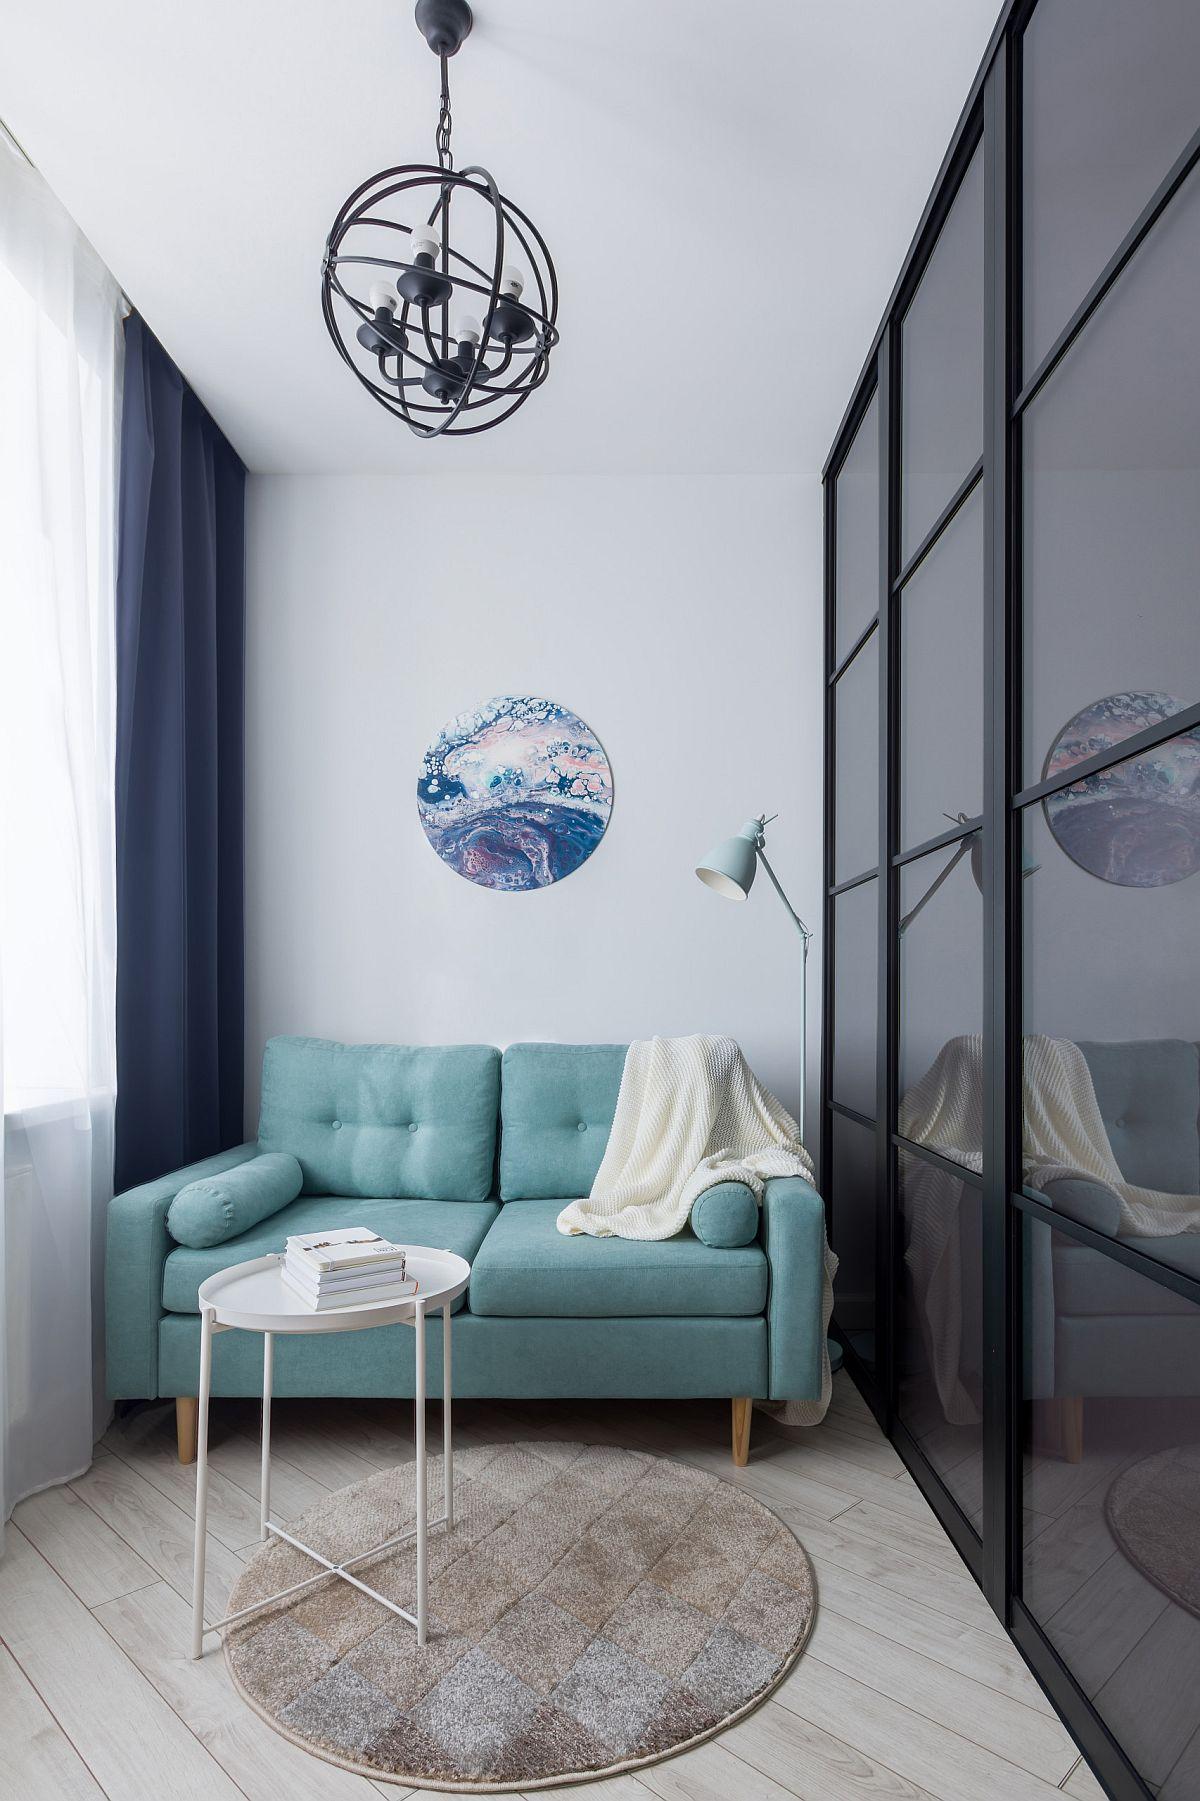 Phòng khách nhỏ xíu vẫn đẹp hoàn hảo nhờ kinh nghiệm lựa chọn sofa phù hợp - Ảnh 3.